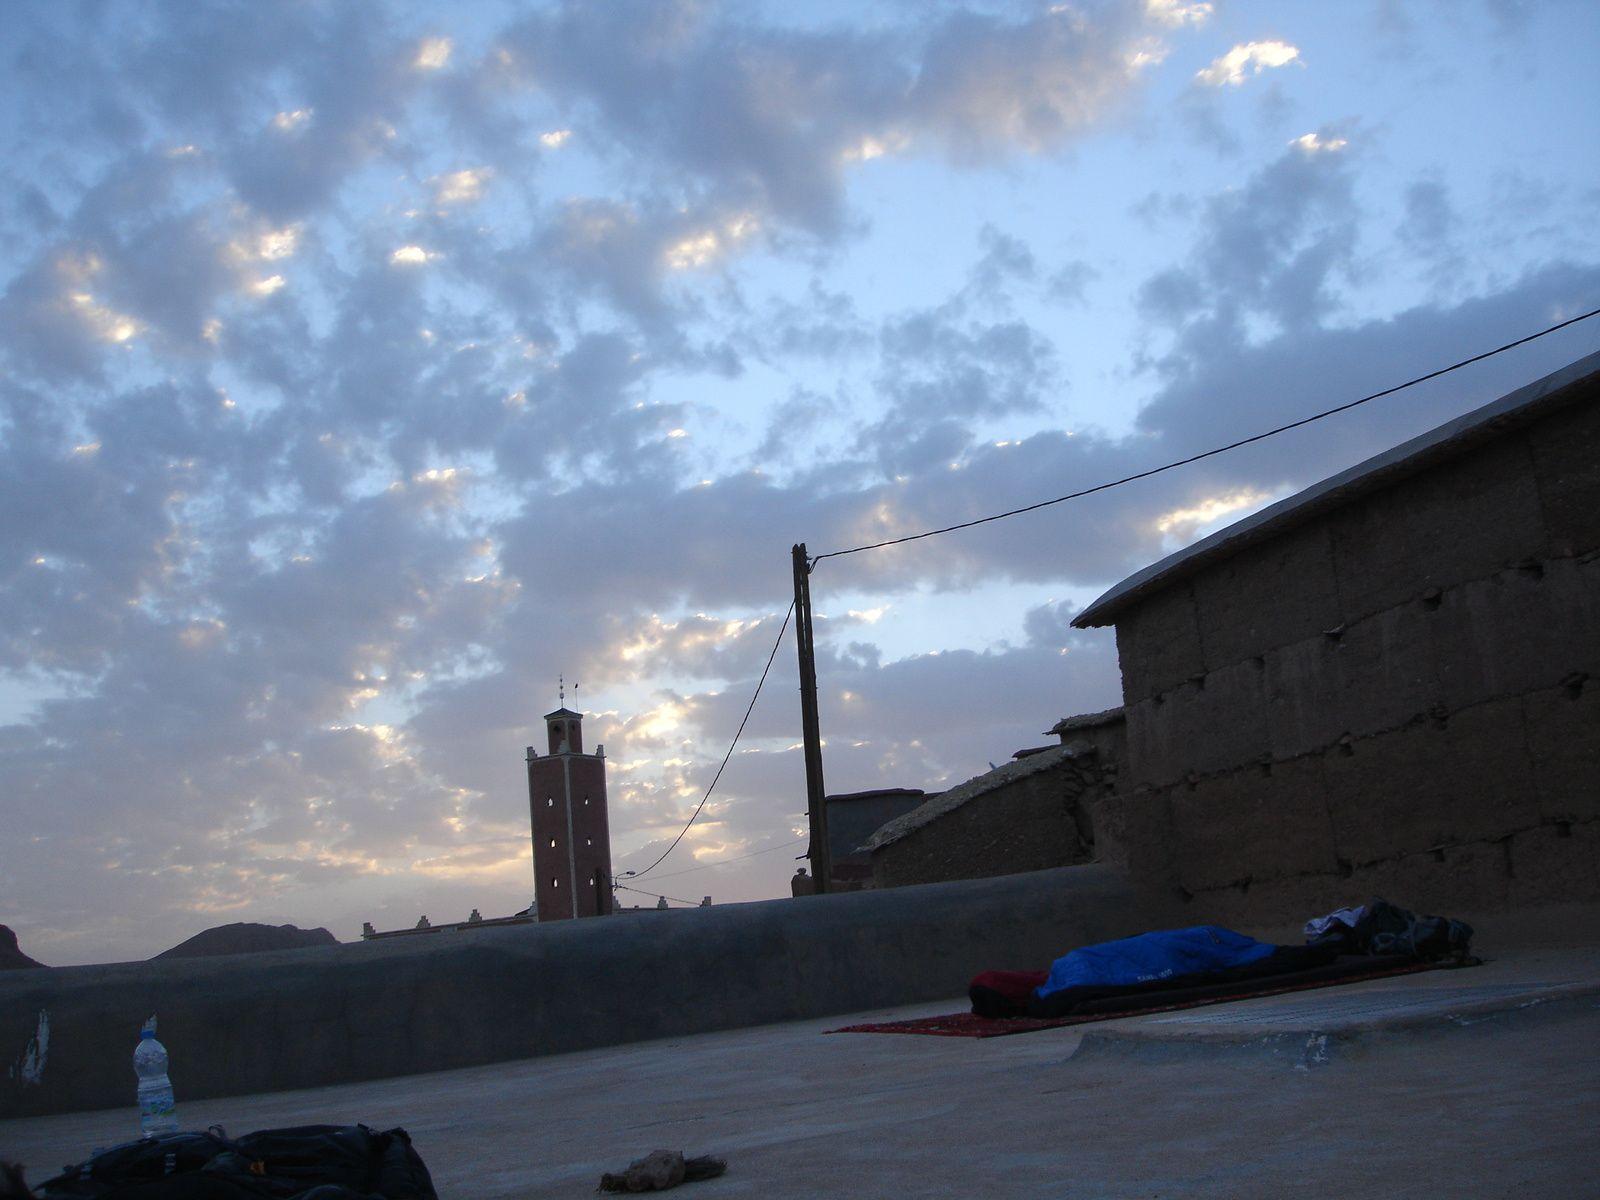 lever de soleil sur fond de mosquée